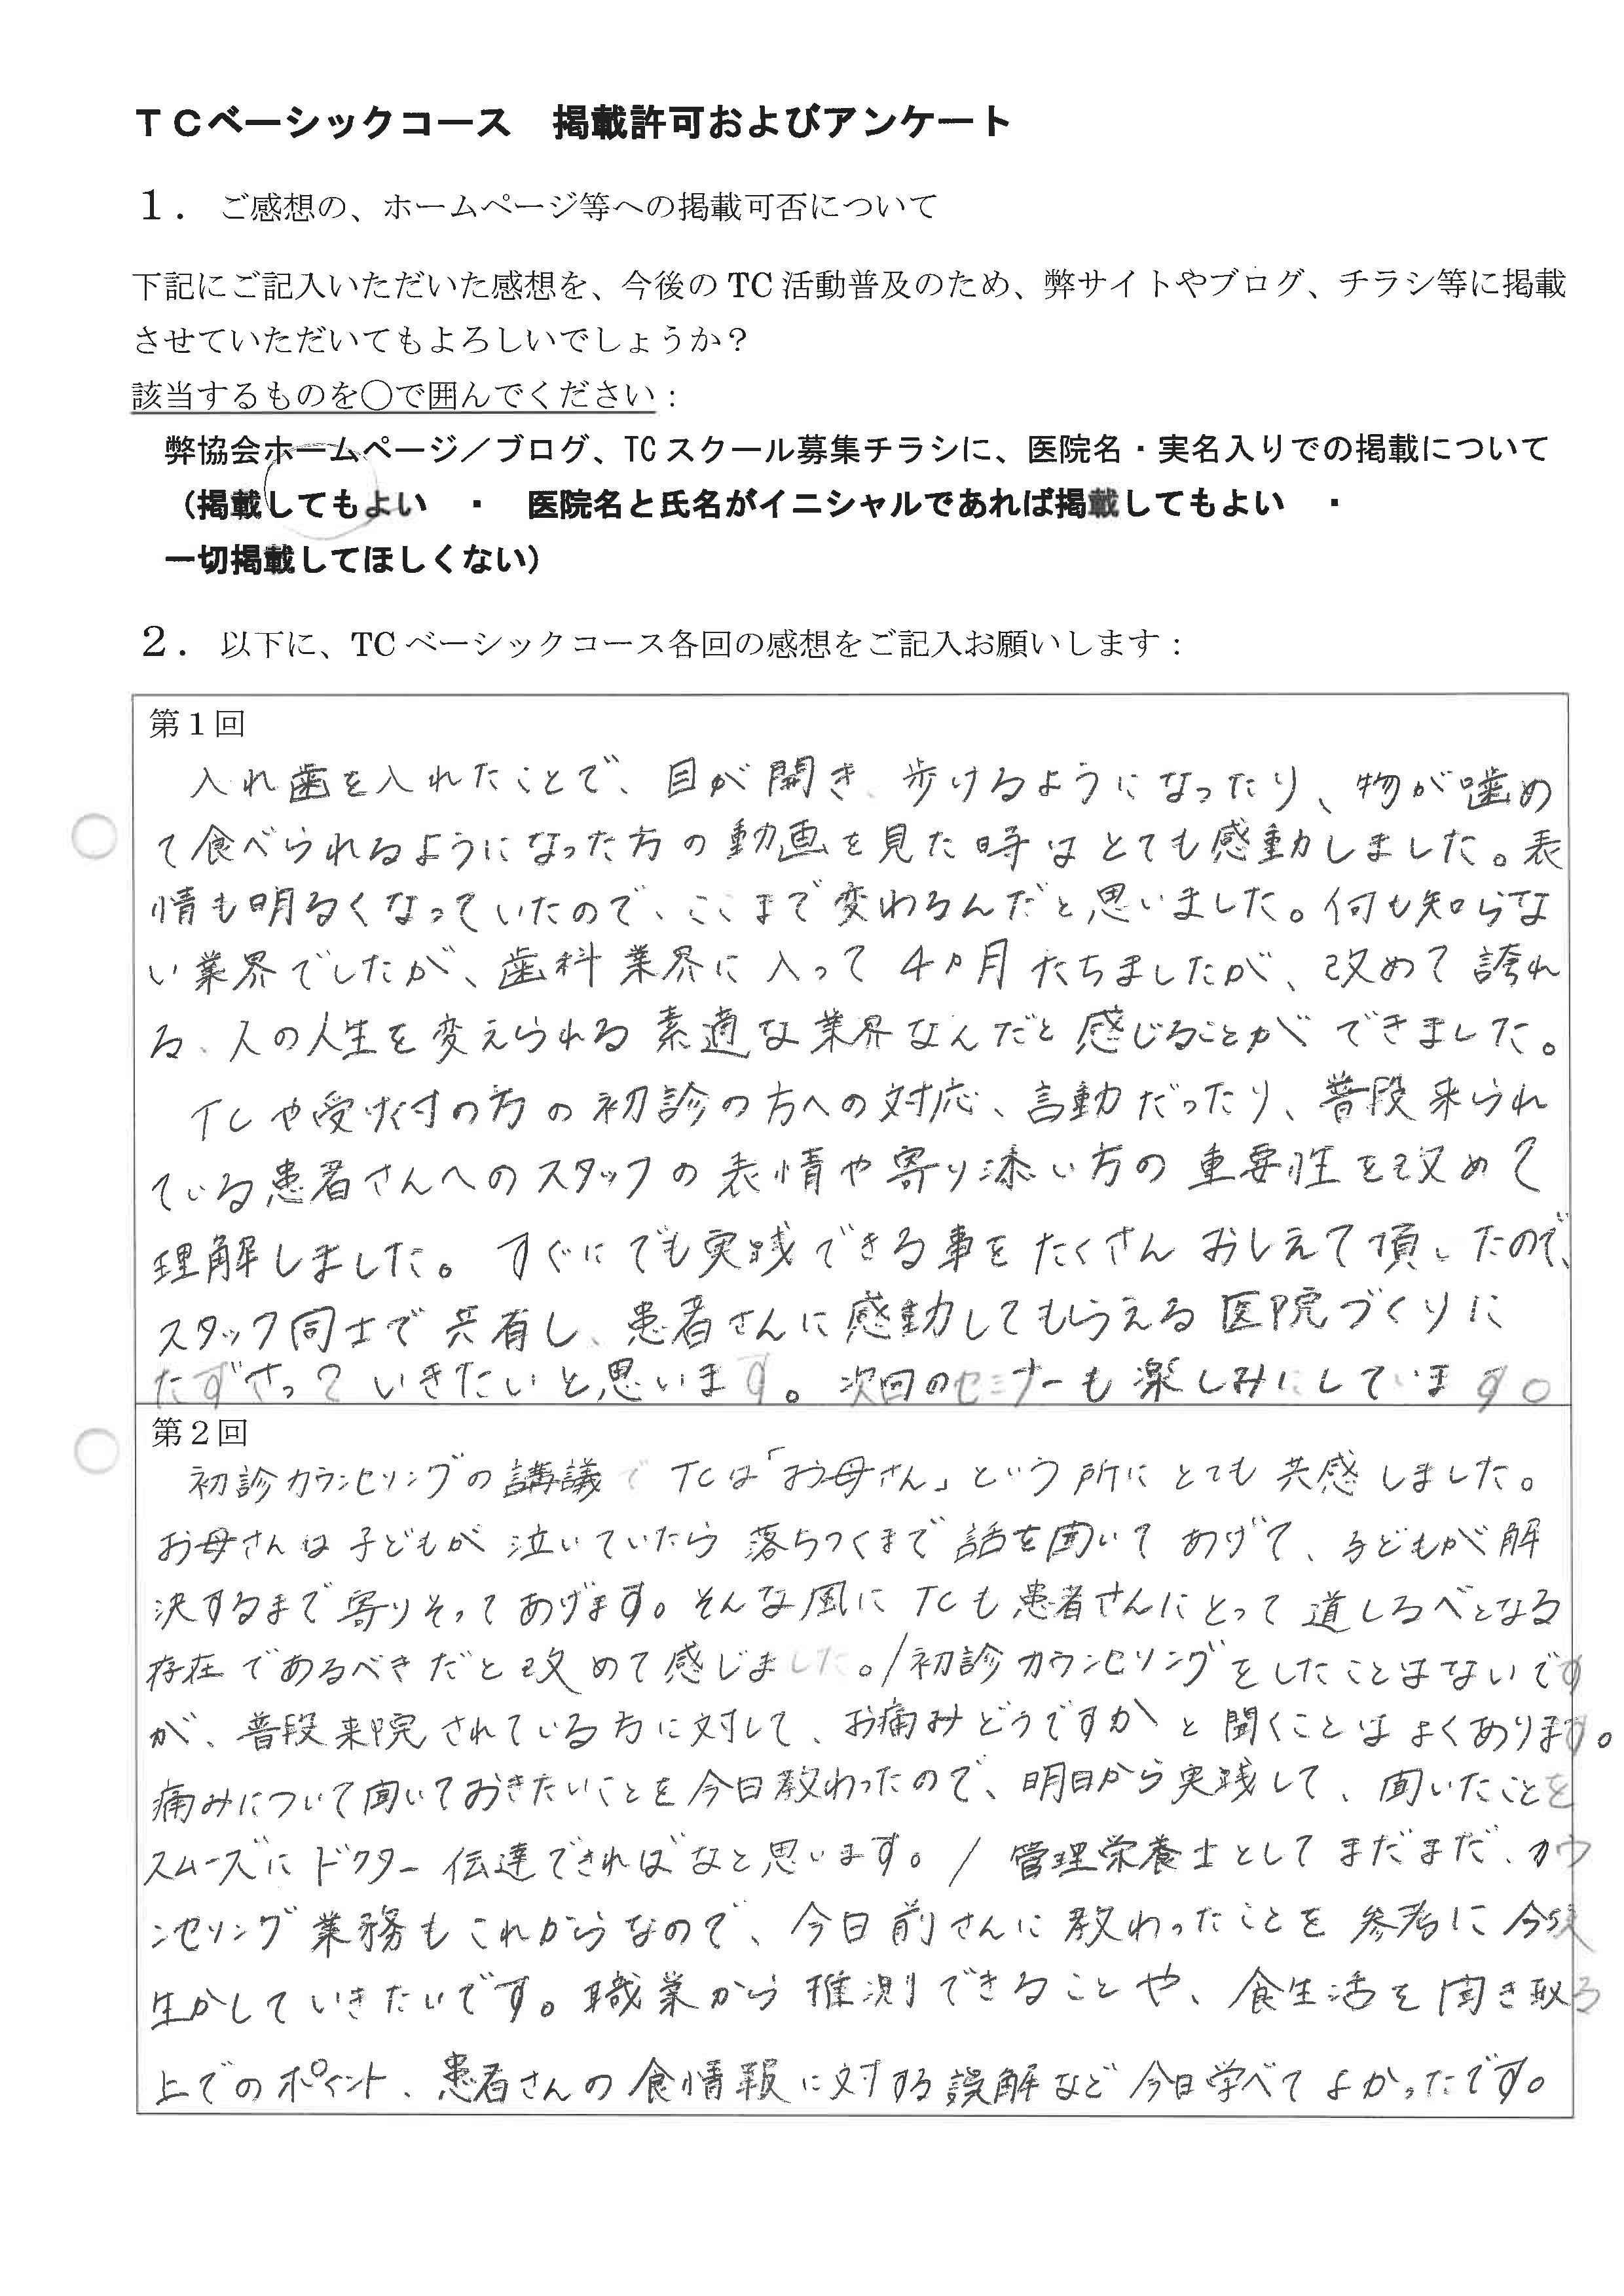 伊藤 沙羅 様アンケート